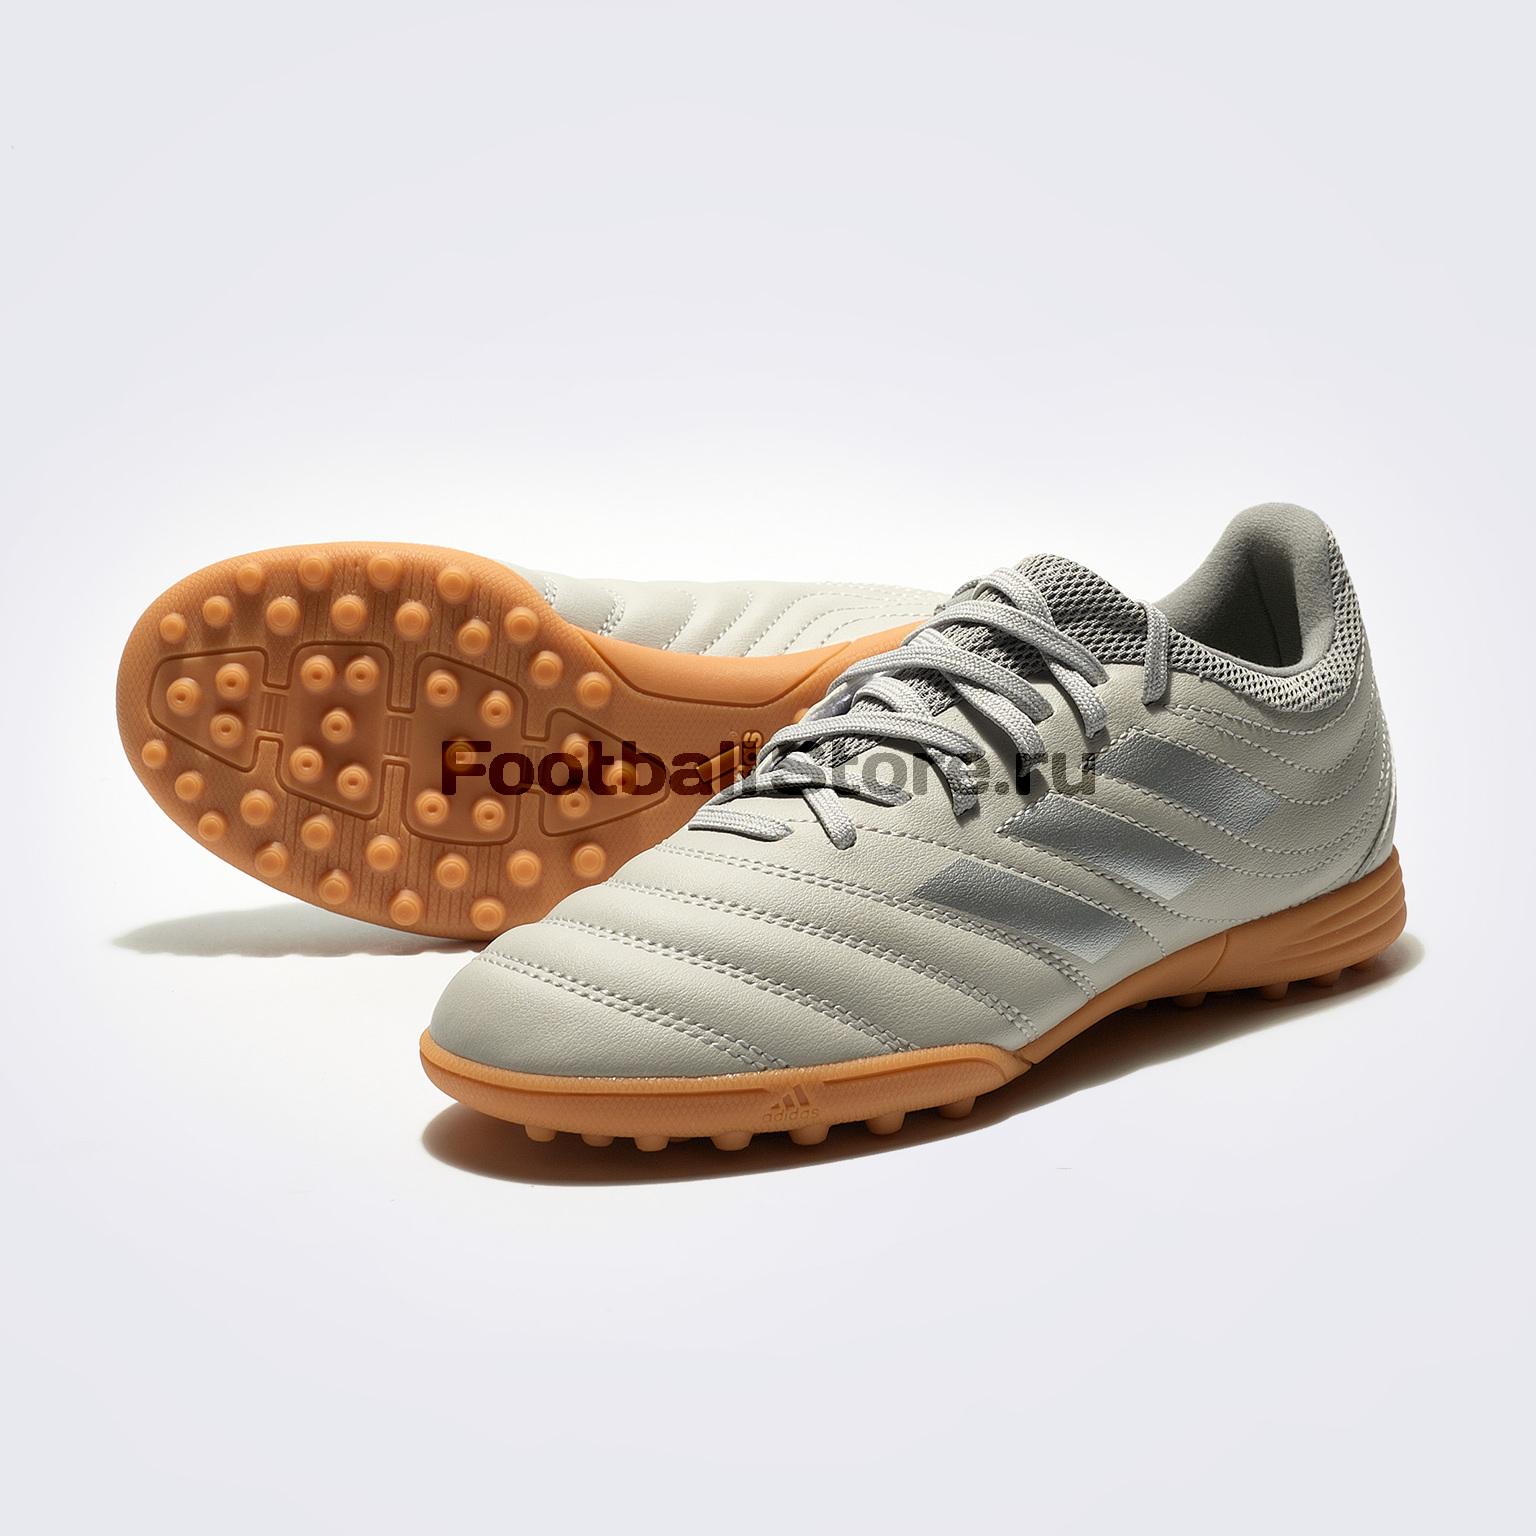 Шиповки детские Adidas Copa 20.3 TF EF8343 шиповки детские adidas x tango 18 3 tf db2422